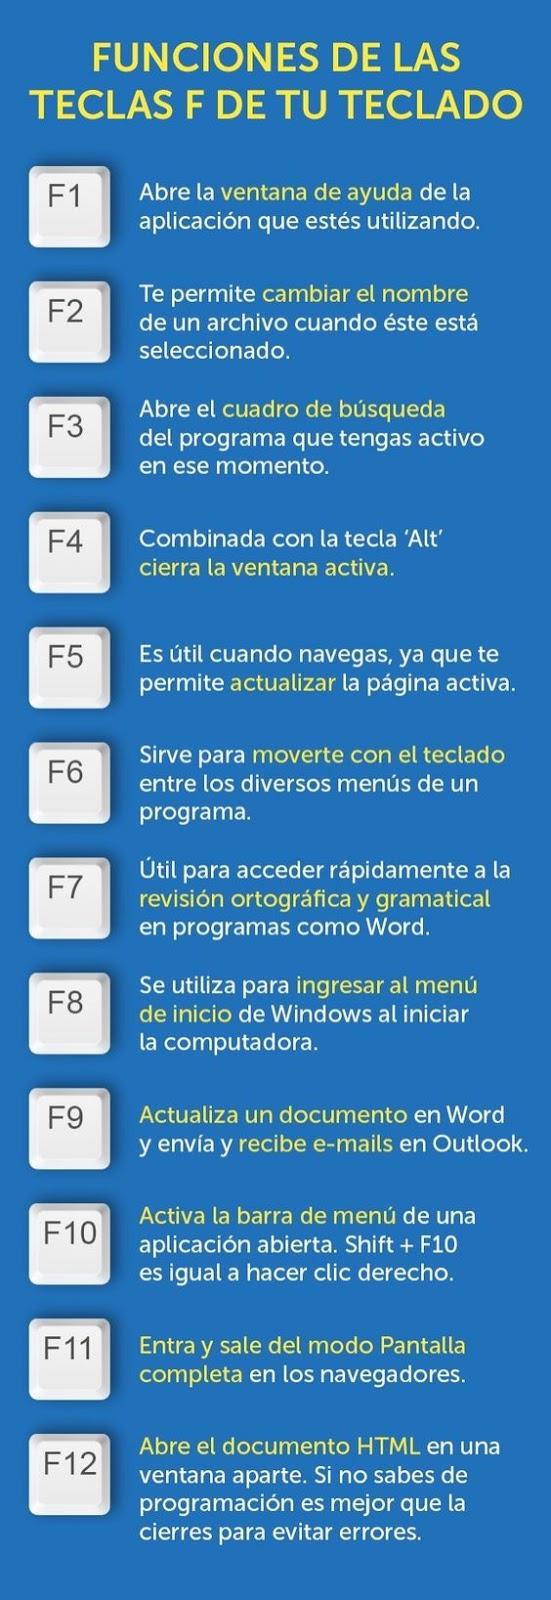 Funciones de las teclas F de tu teclado